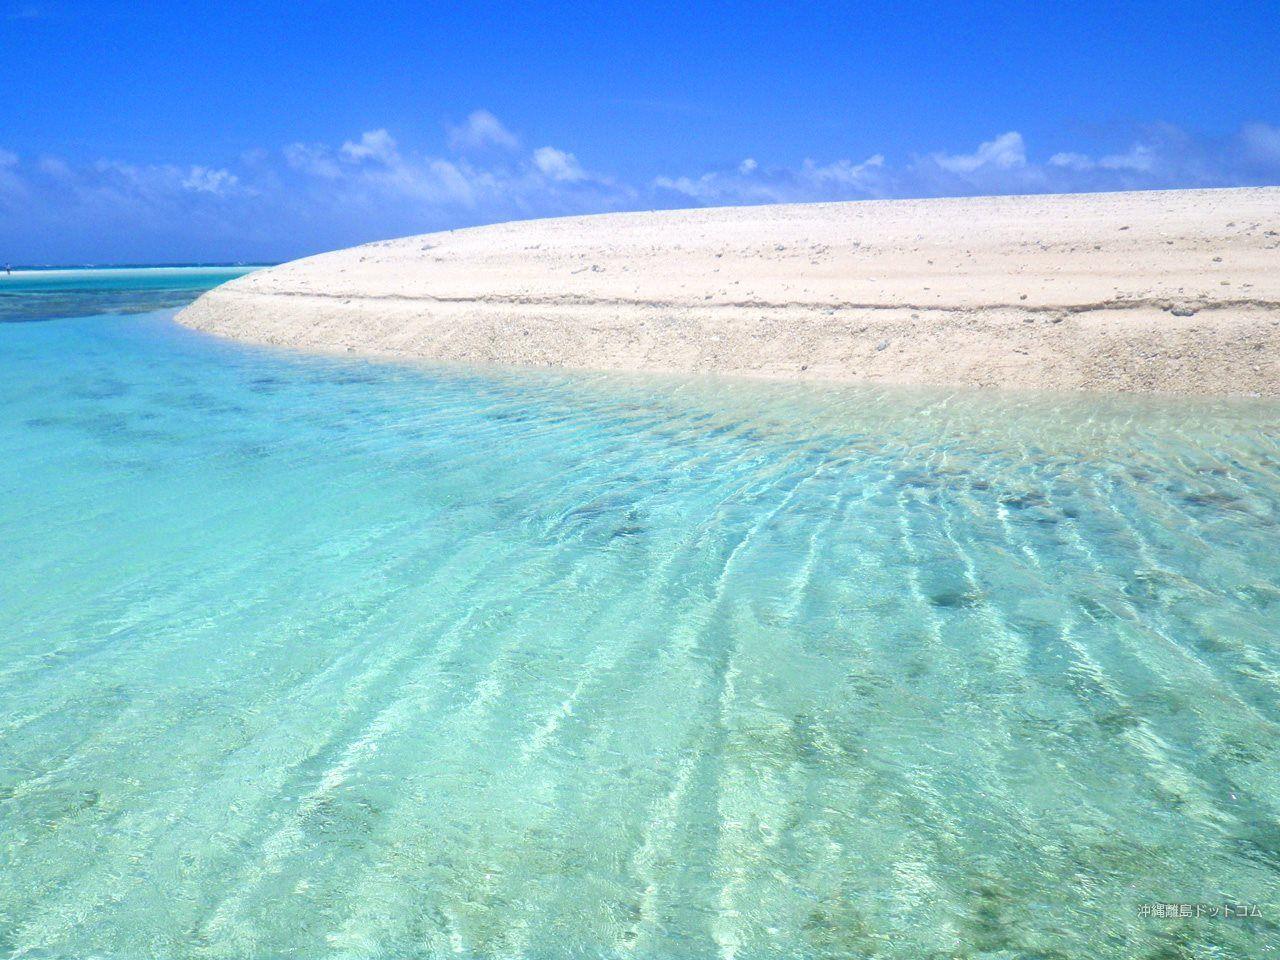 日本で一番綺麗な海はどこ?透明度が高いおすすめ海ランキング